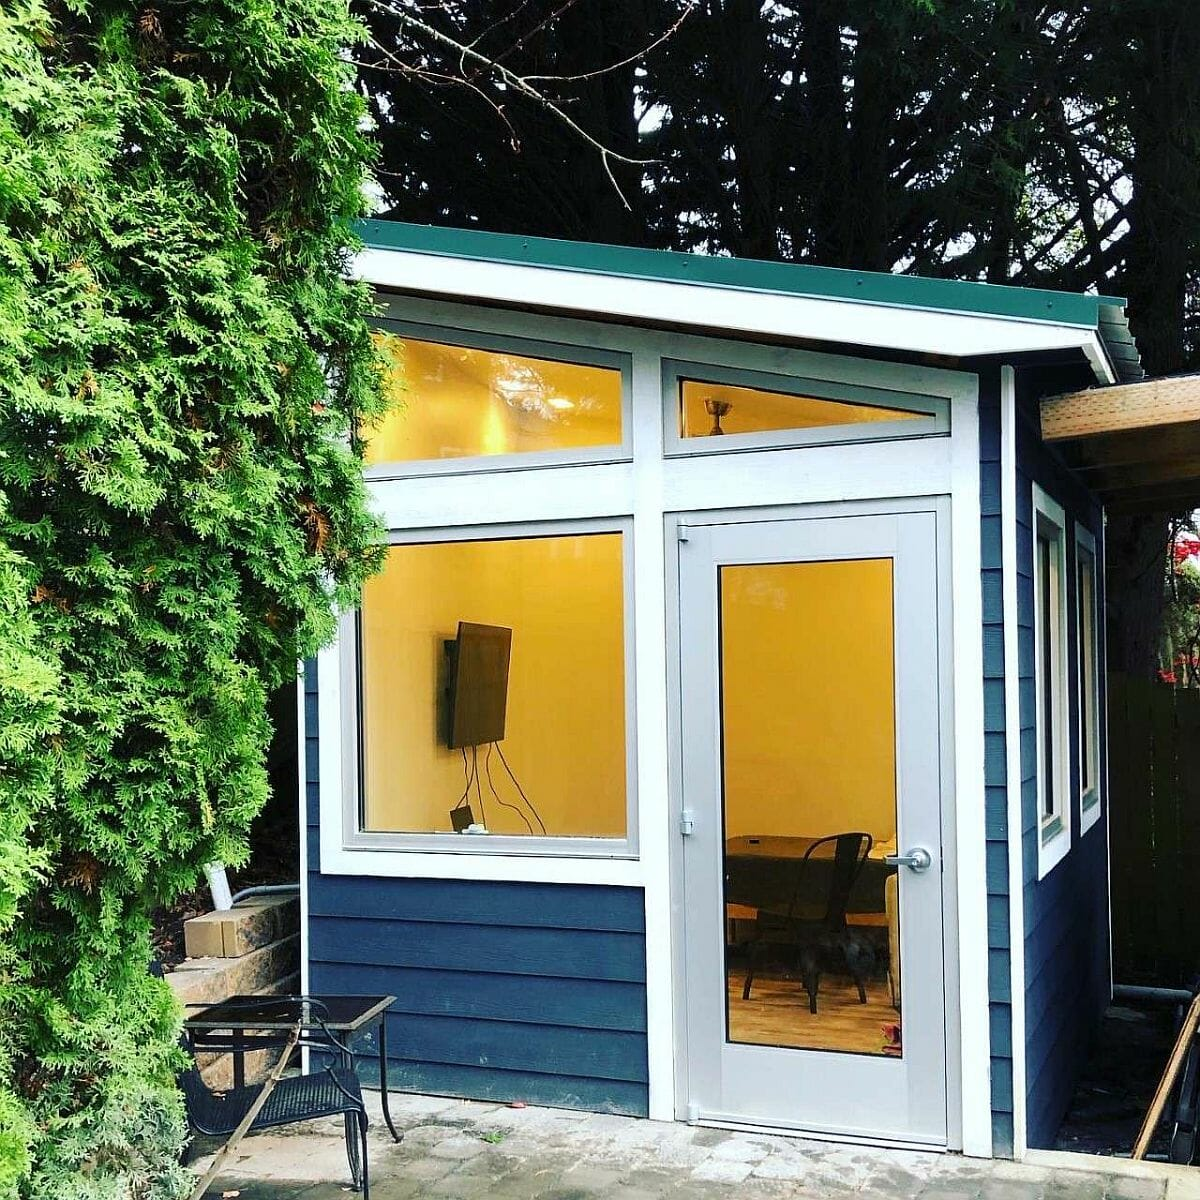 Văn phòng nhỏ ở sân sau với cửa sổ kính lớn kết nối với thế giới bên ngoài.